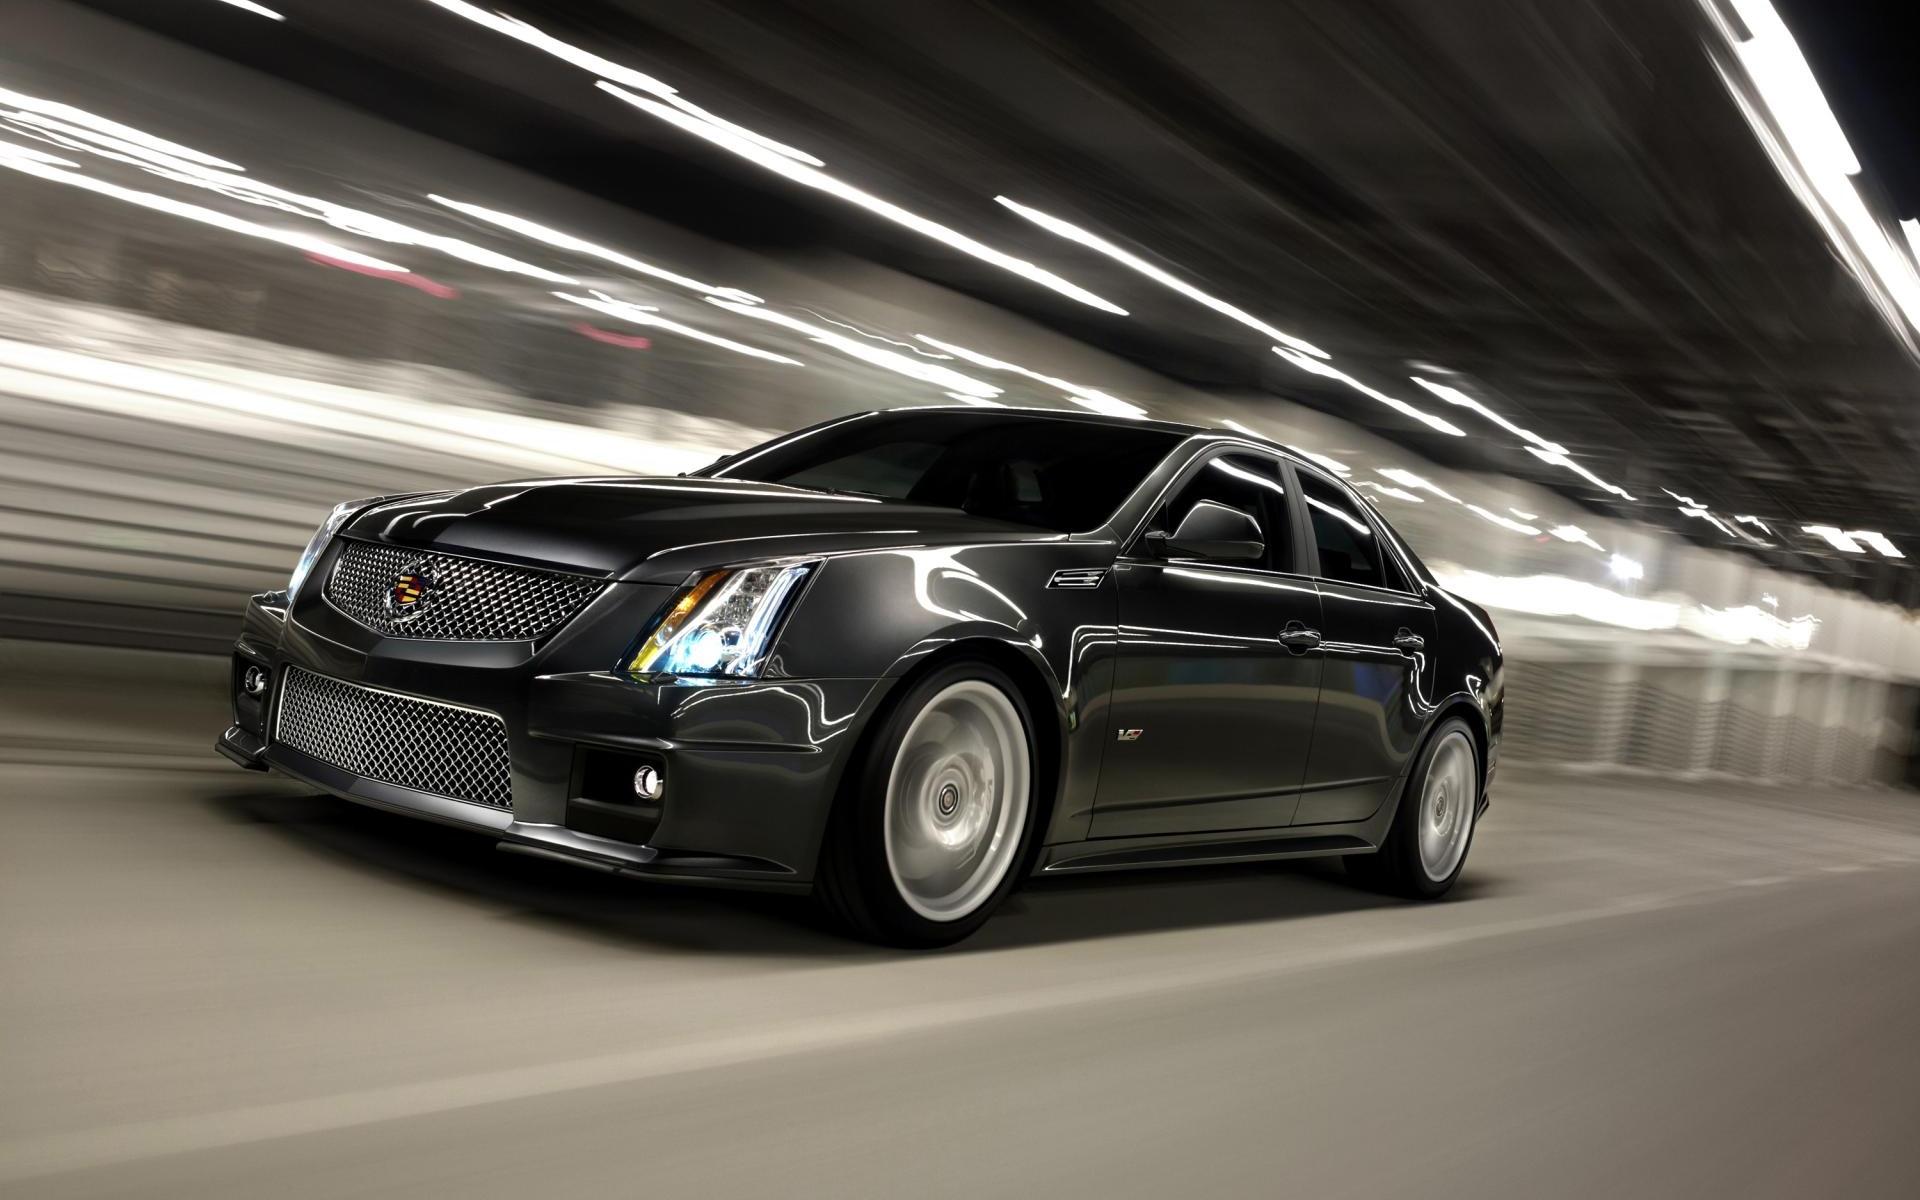 28105 скачать обои Транспорт, Машины, Кадиллак (Cadillac) - заставки и картинки бесплатно